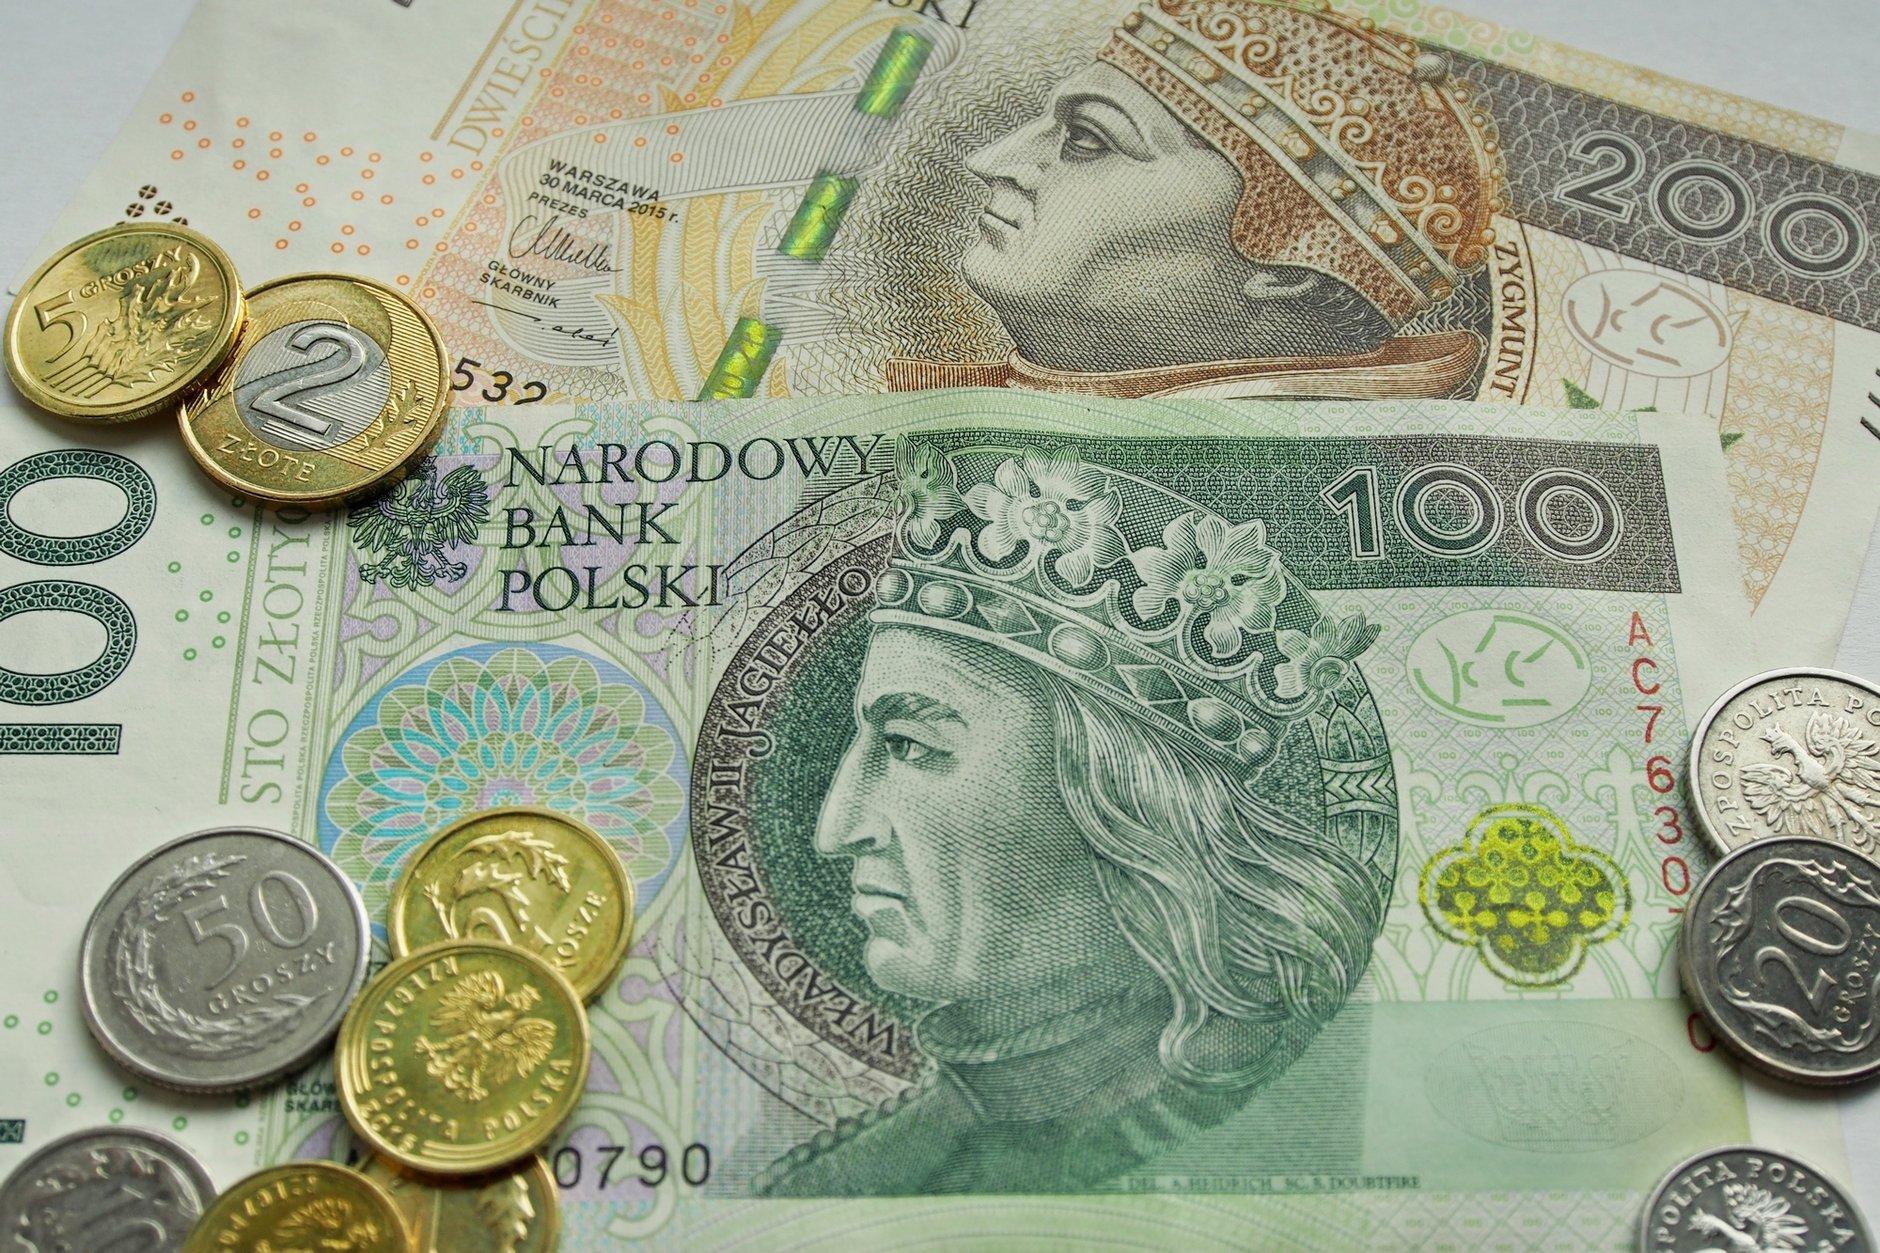 Zagraniczne media piszą o chińskich banknotach w Polsce. NBP dementuje